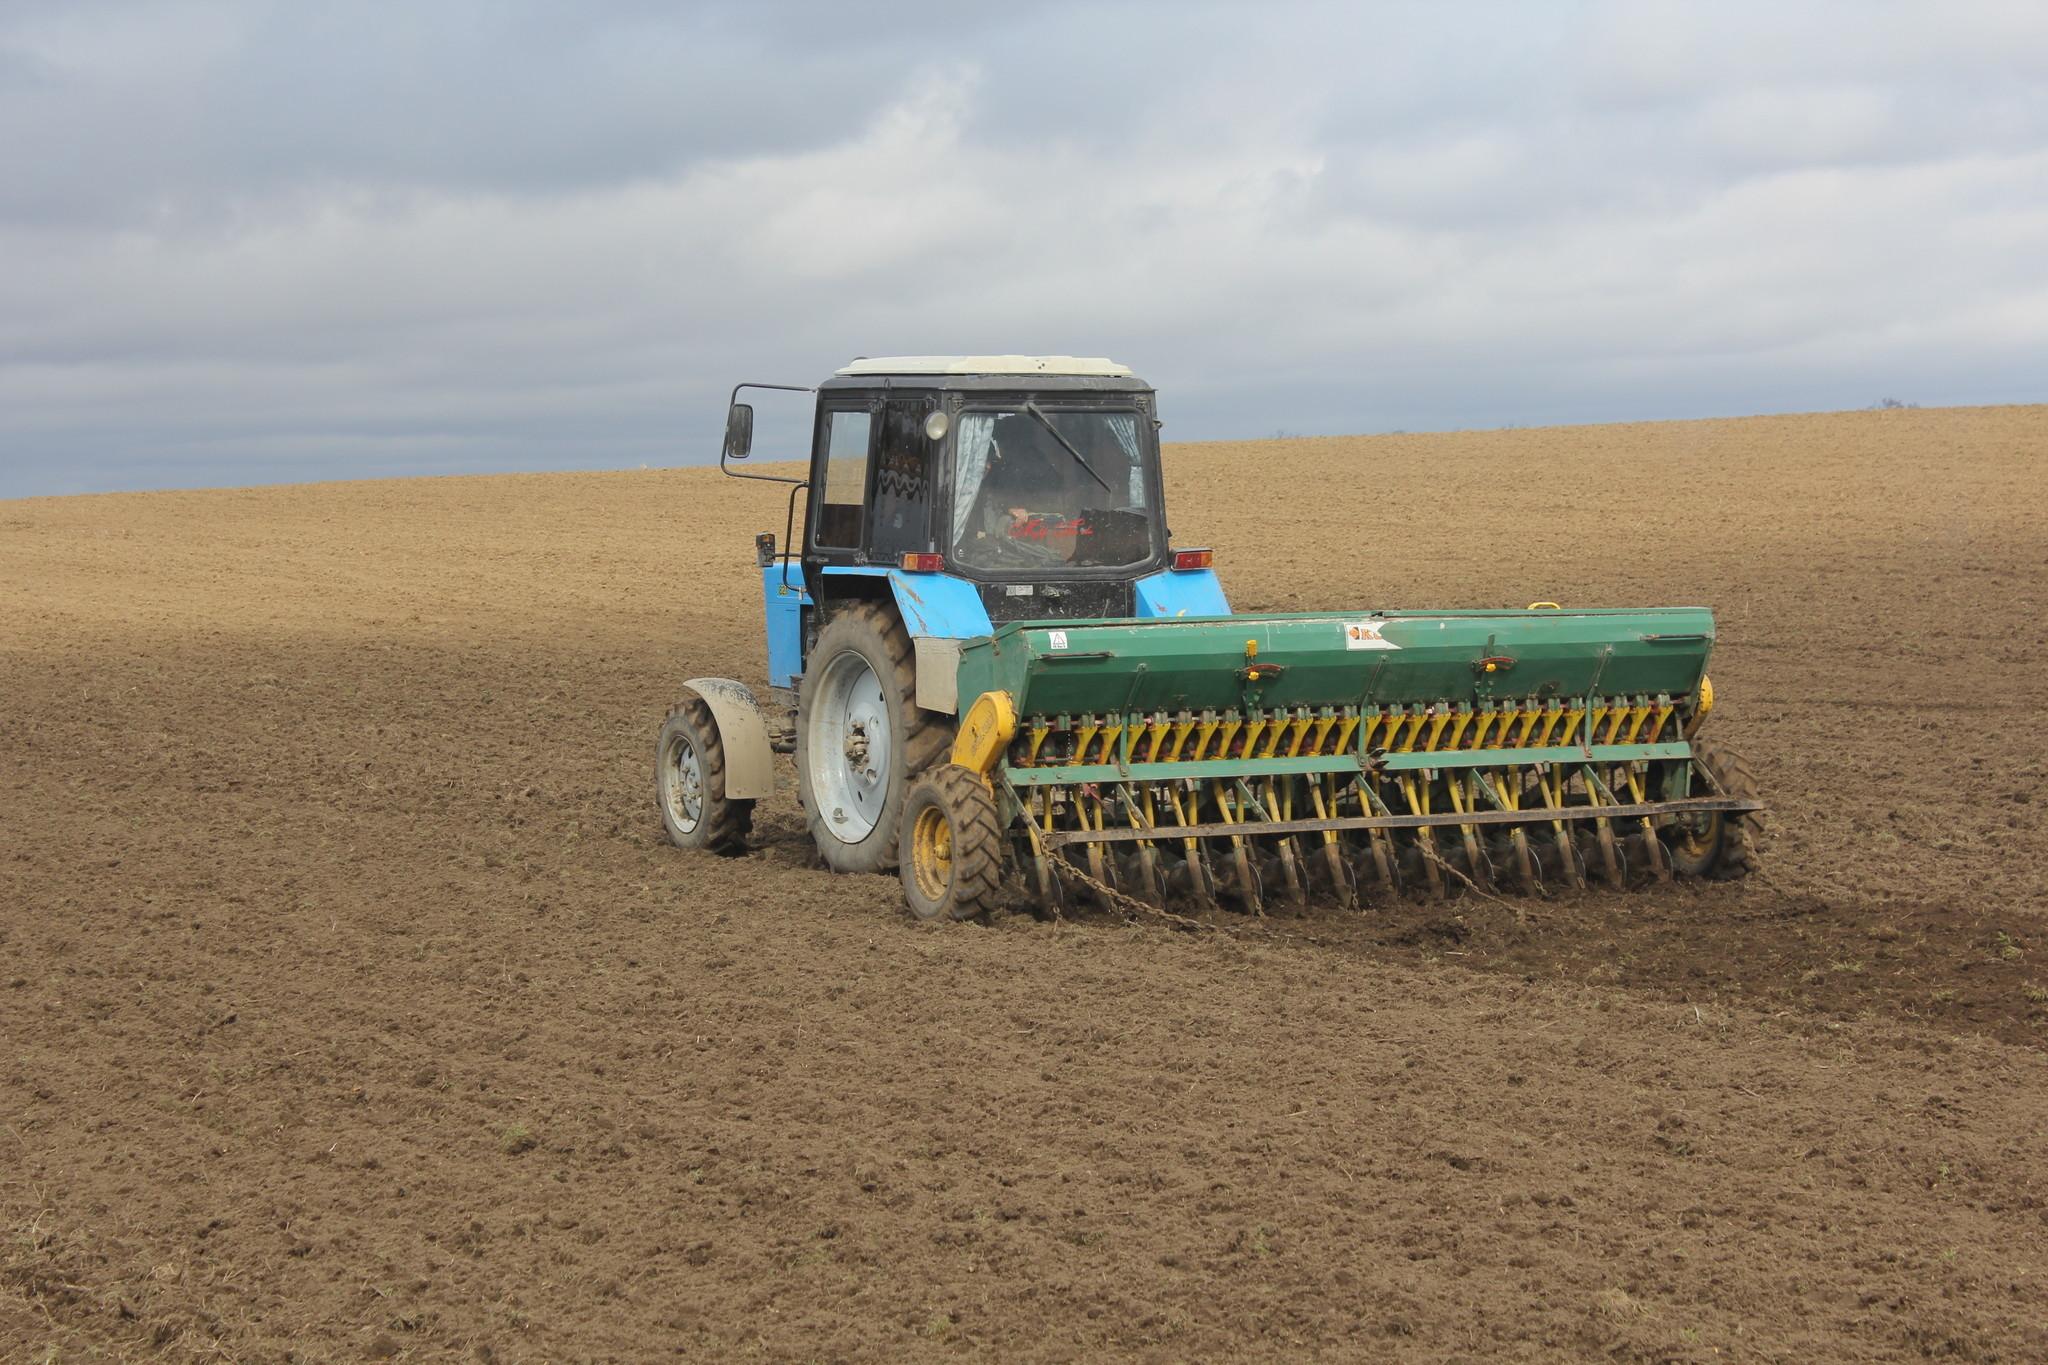 Փաստ. Հրաչ Բերբերյան՝ գյուղատնտեսության ոլորտում անկումը կազմում է ոչ թե 7, այլ 15-20%